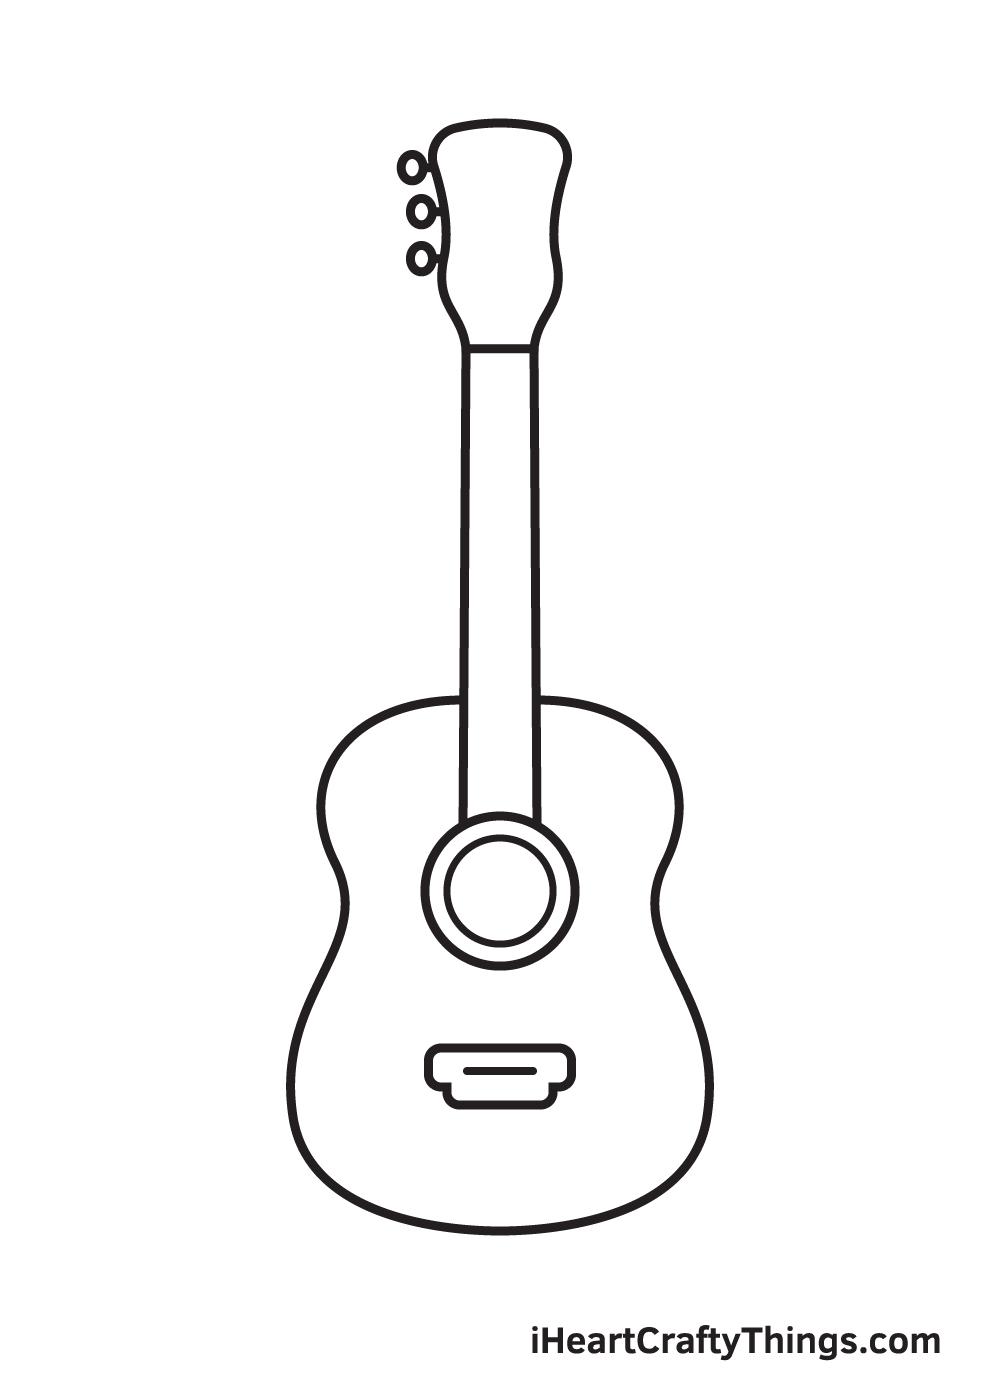 Vẽ đàn guitar - Bước 6